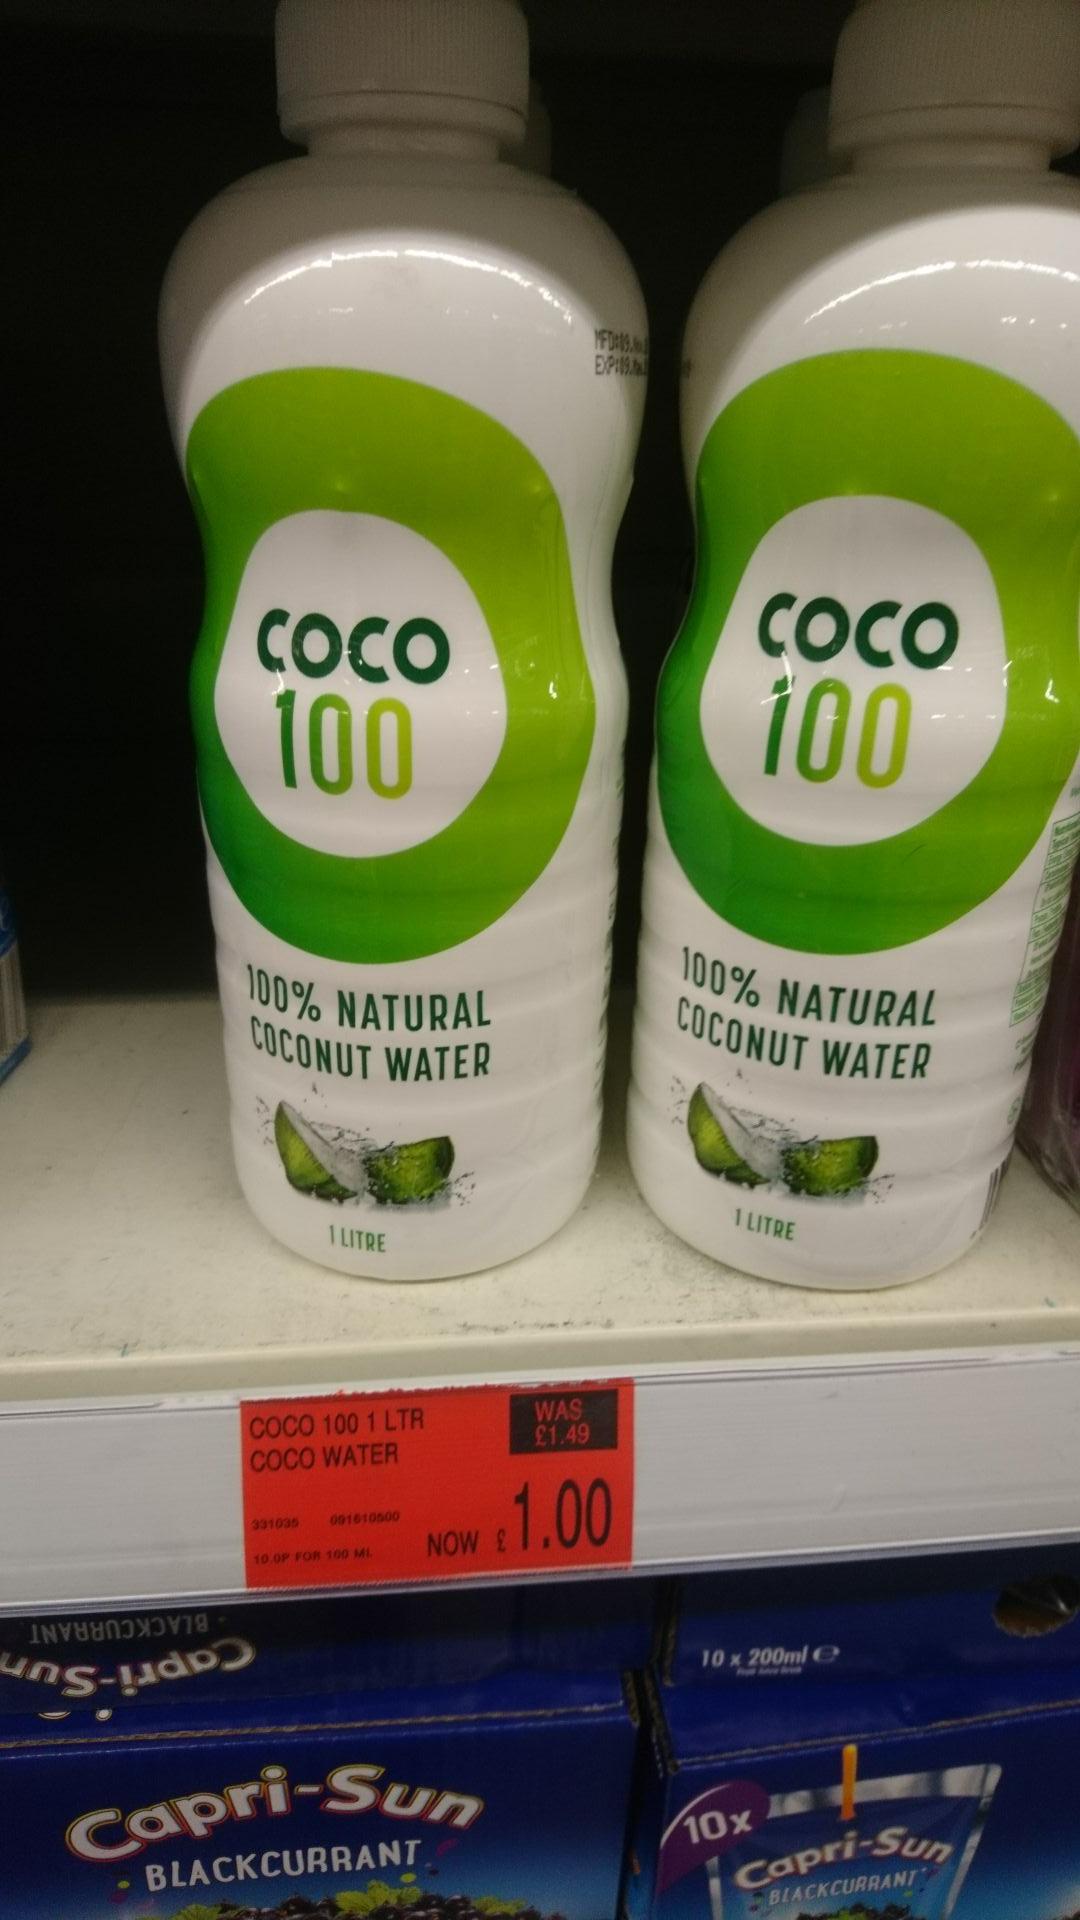 Coco fuzion 100 natural coconut water 1litre @ b&m